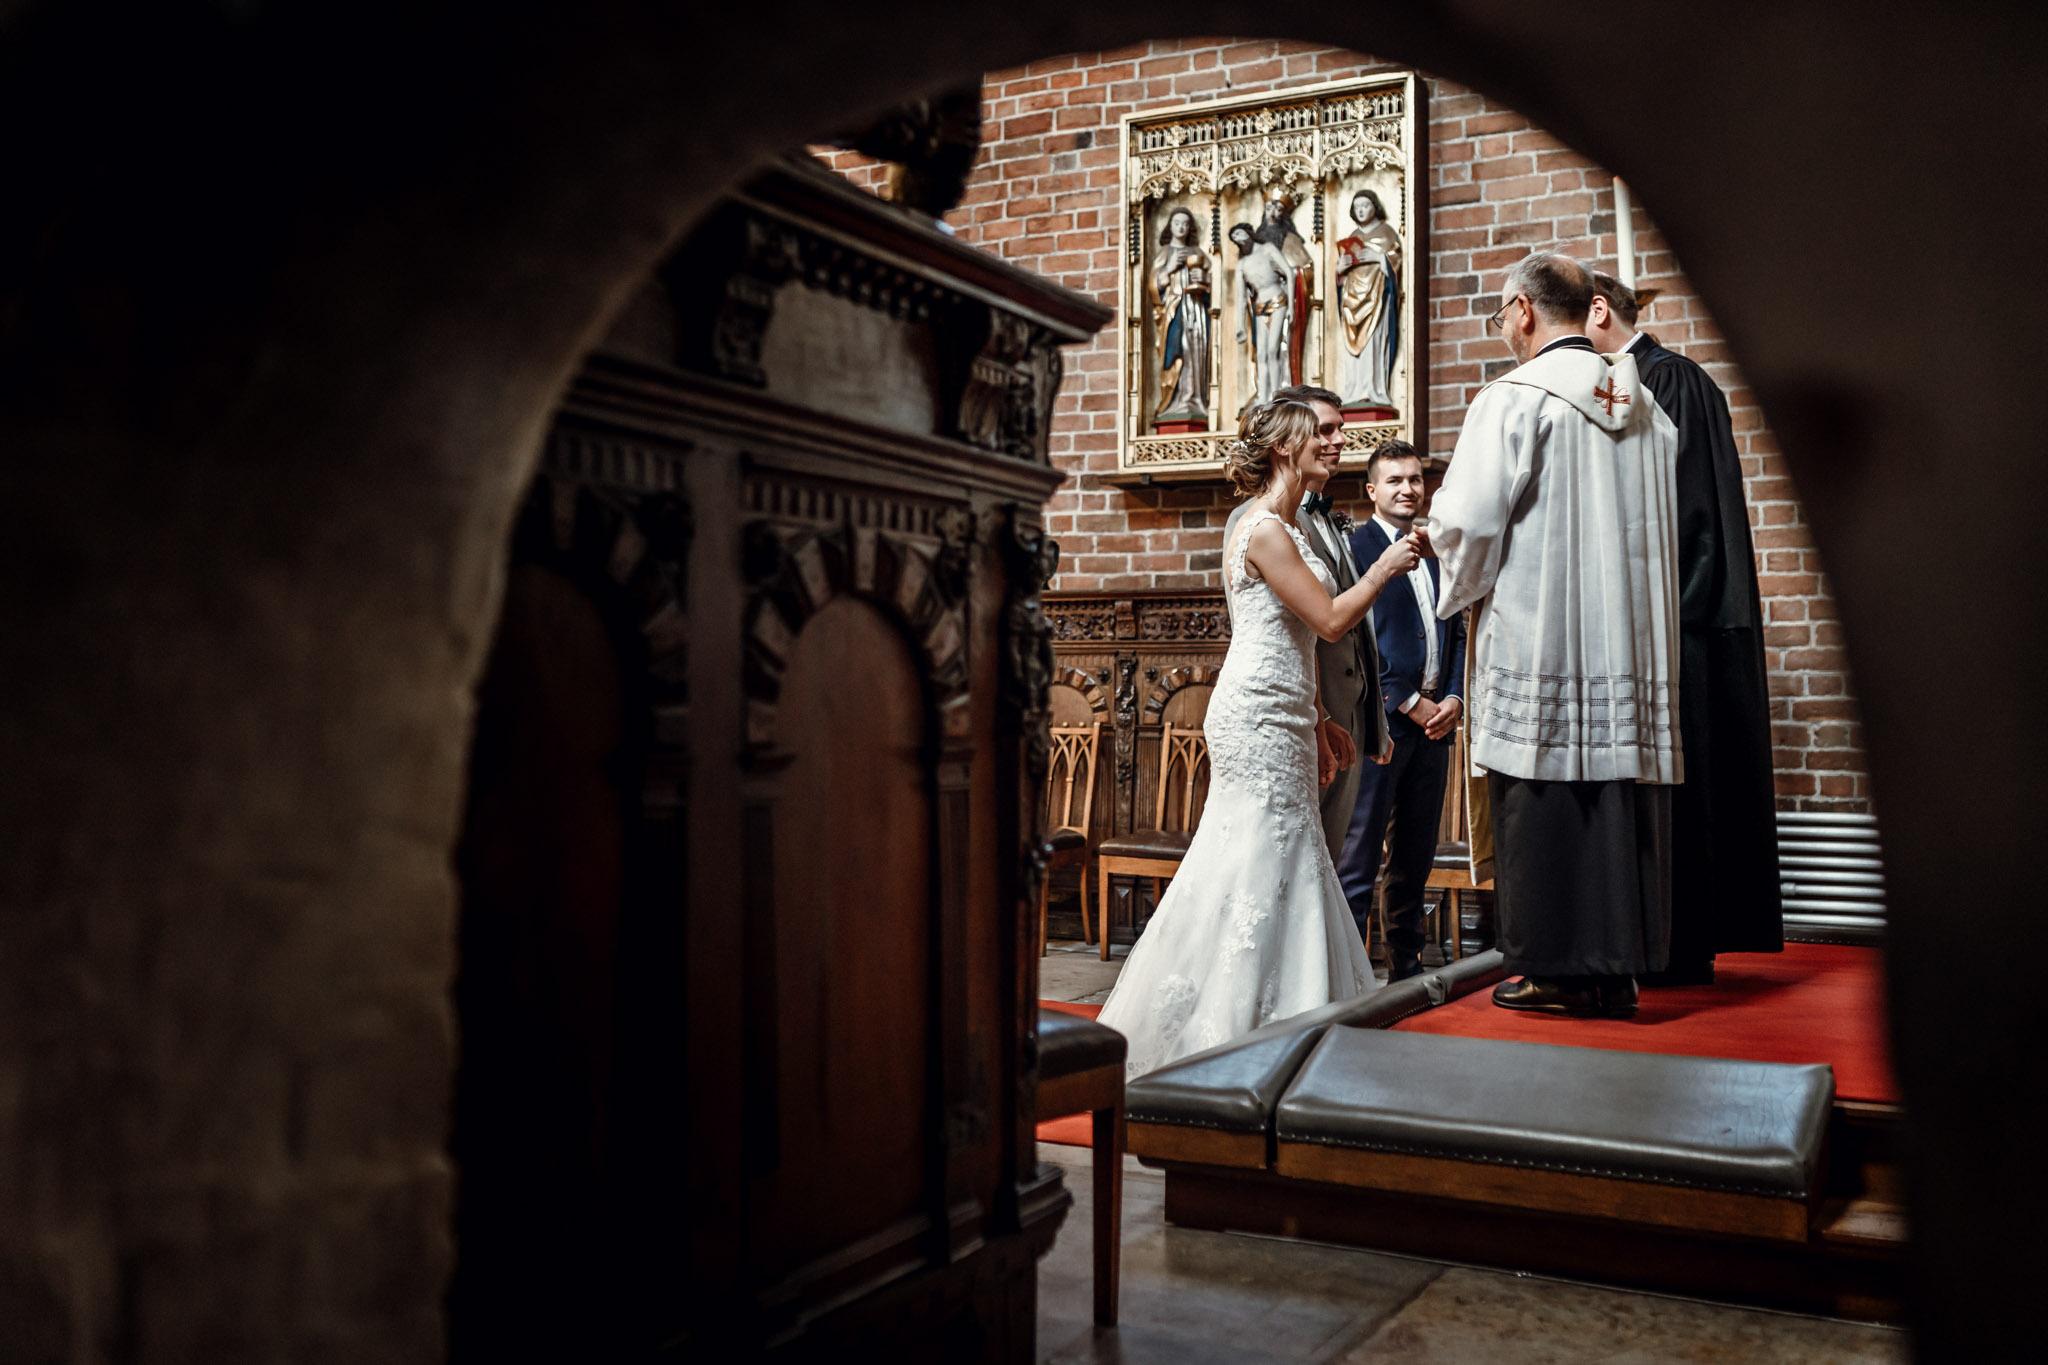 Sven Schomburg Hochzeitsfotografie, Hamburg, Mölln, Hochzeitsfieber by Photo-Schomburg, Hochzeitsreportage, Forsthaus Waldhusen, Braut, Bräutigam-40